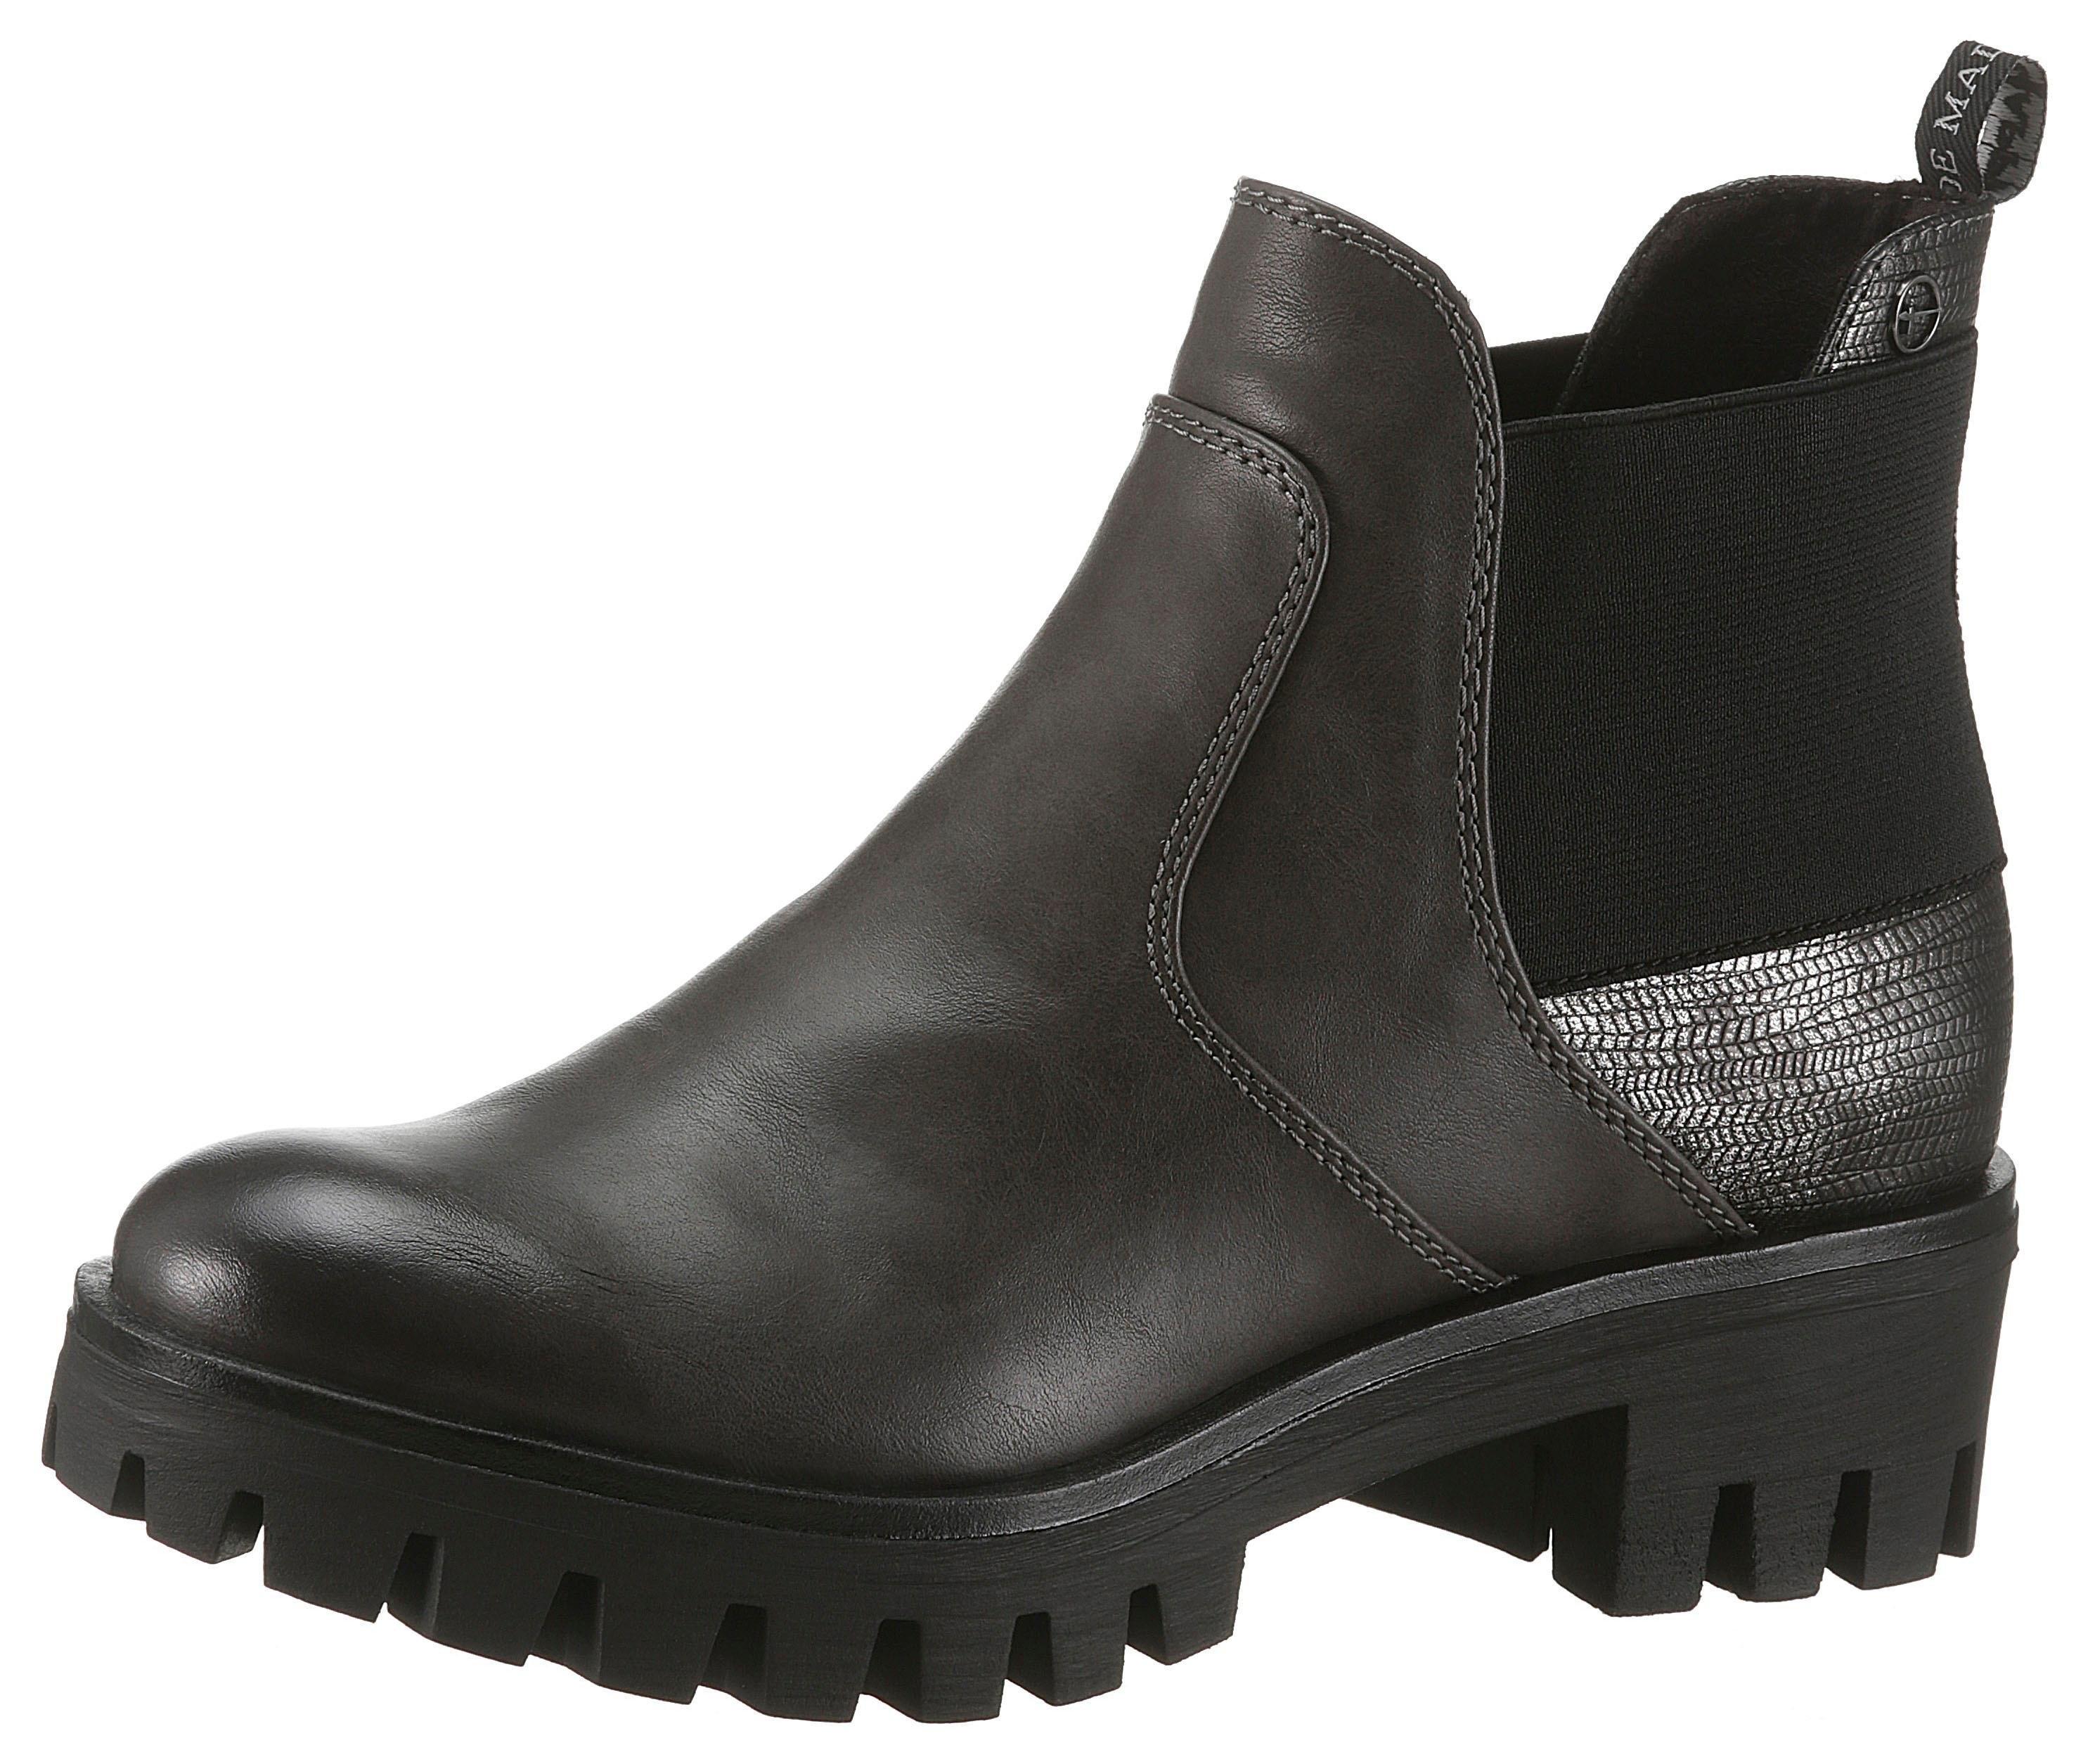 Tamaris Chelsea-boots bestellen: 14 dagen bedenktijd